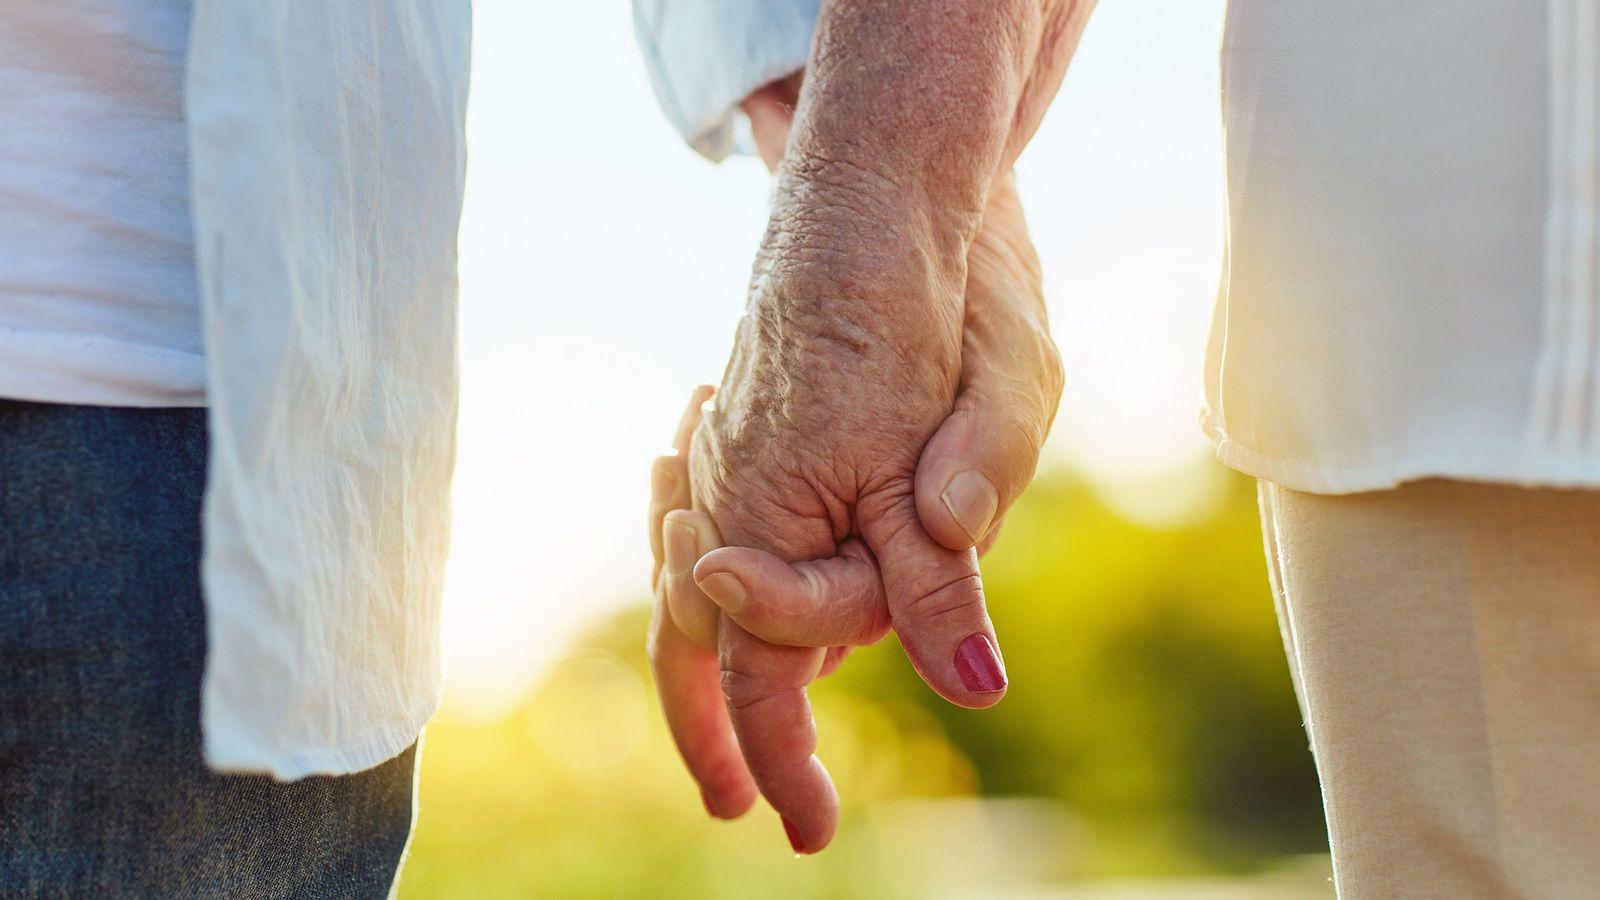 「入籍婚」を目指さない結婚相談所のシニア対応 「一番多いのは、ご家族の反対」